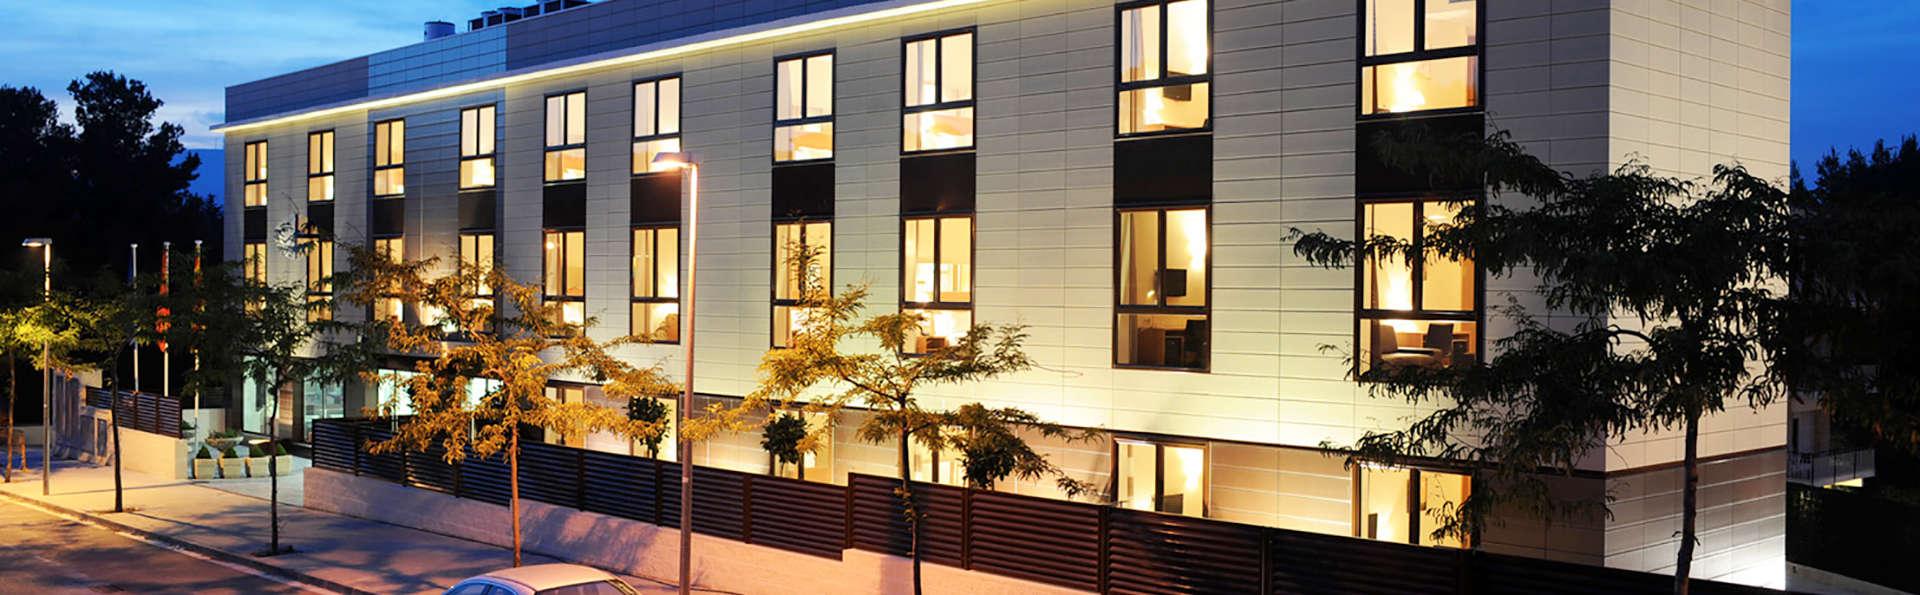 Hotel Desitges - Edit_Front2.jpg